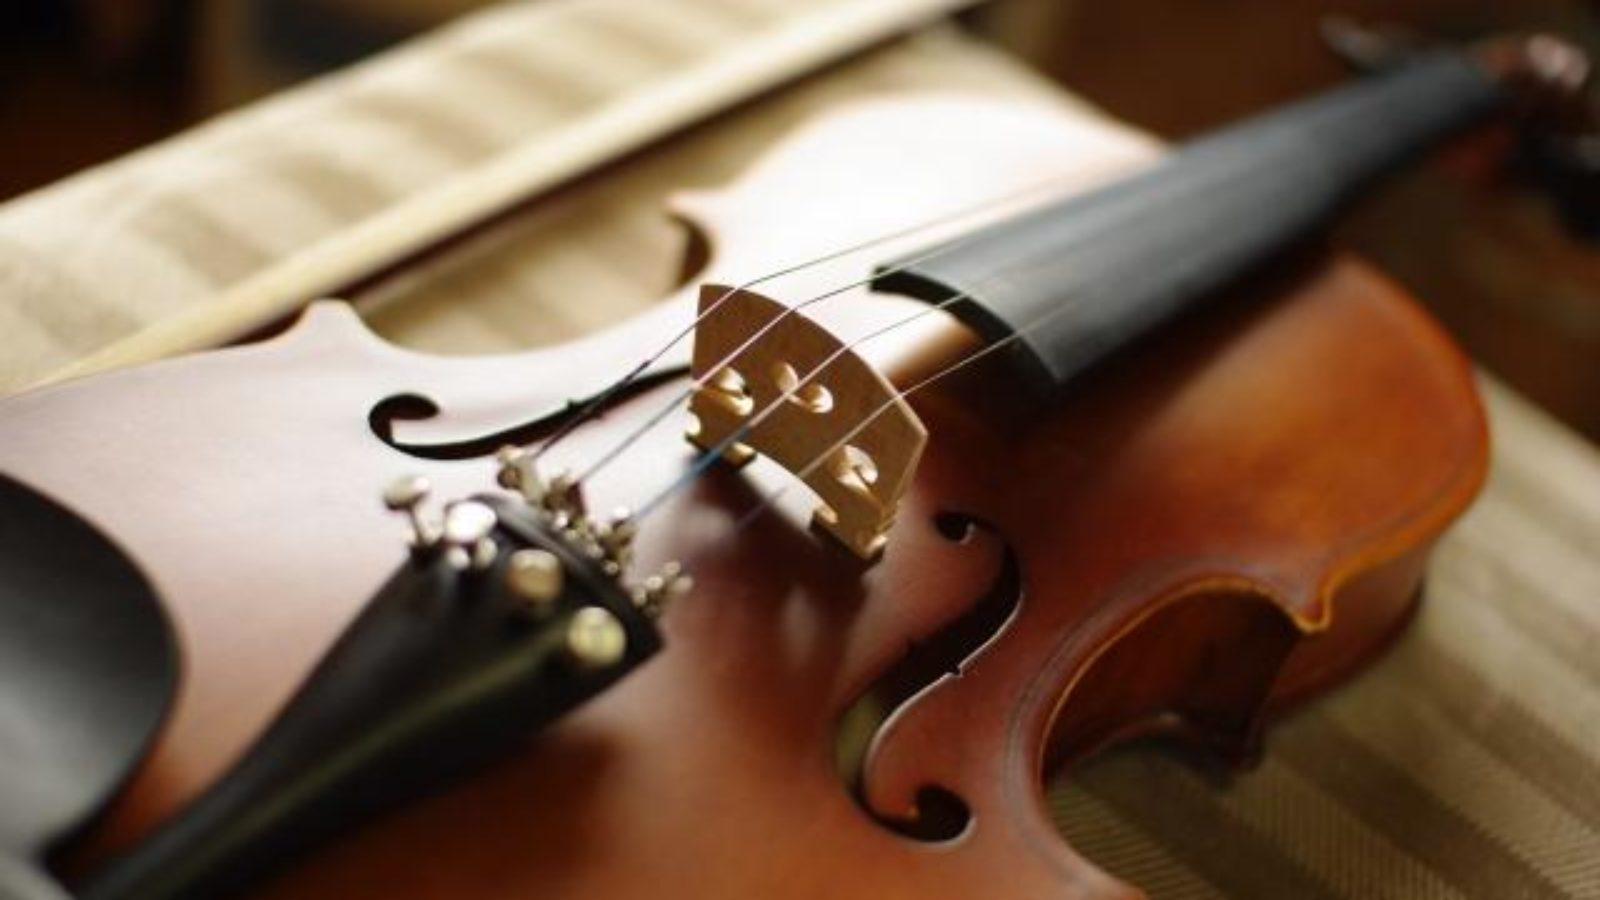 ヴァイオリンのミュート(消音器・弱音器)の効果はどれくらい?種類を比較しておすすめを紹介【つけ方も解説】